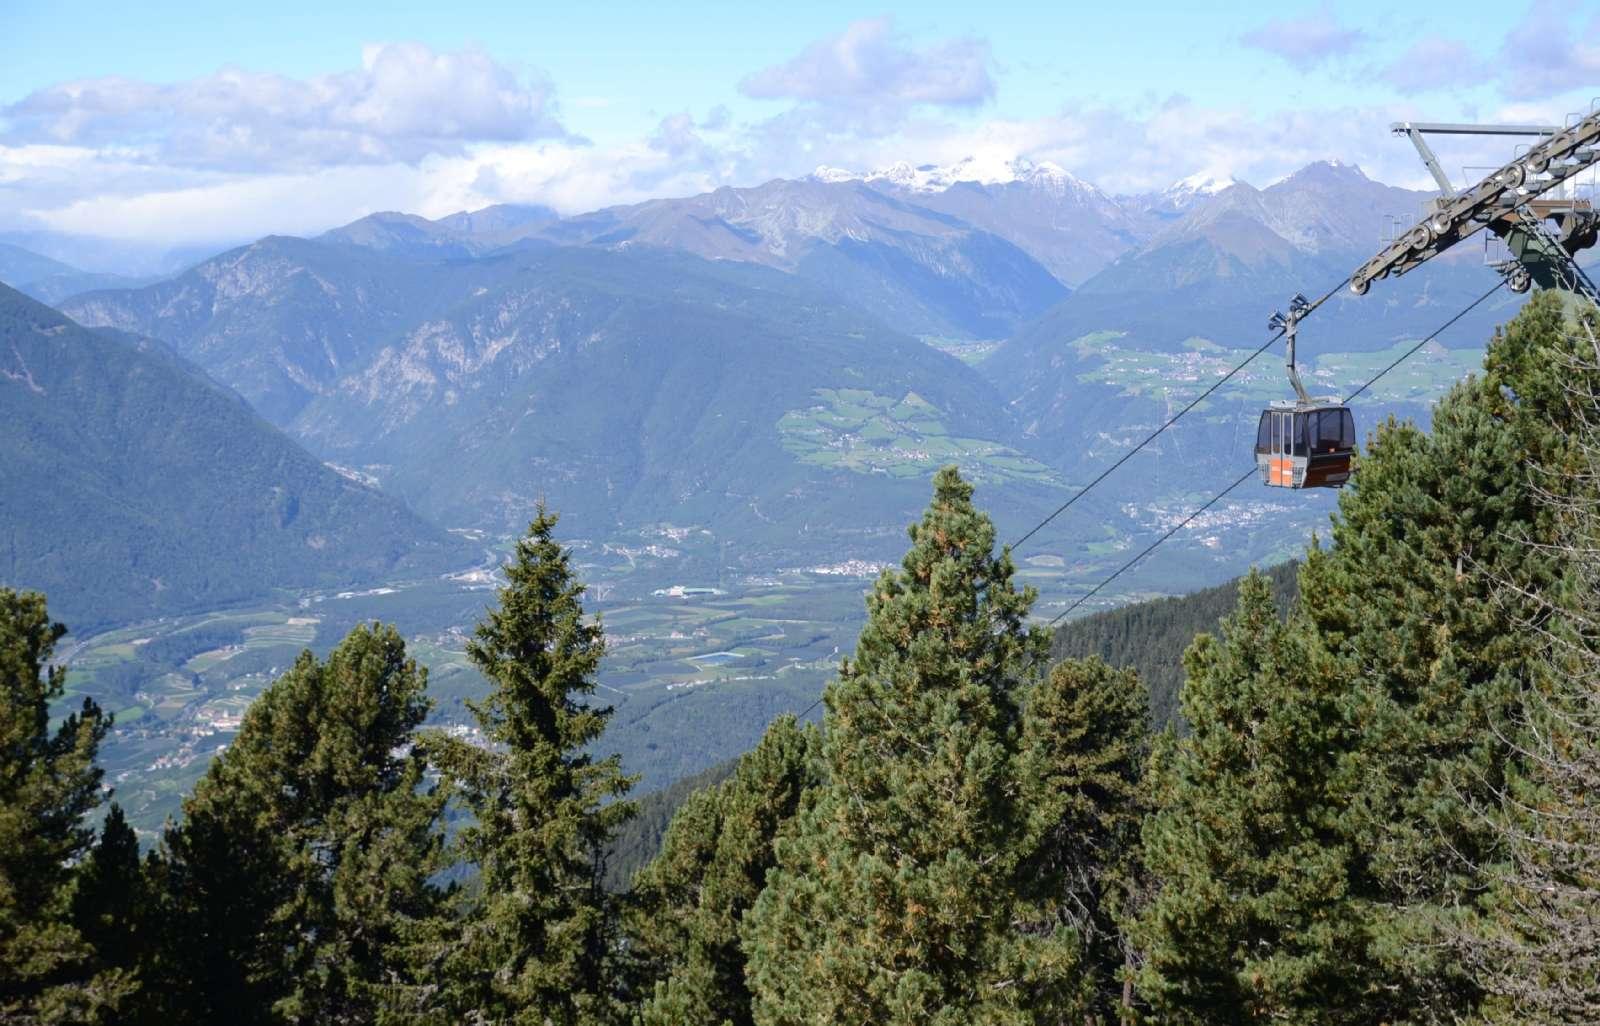 Le téléphérique qui vous conduira à Plose (1067m. d'altitude)